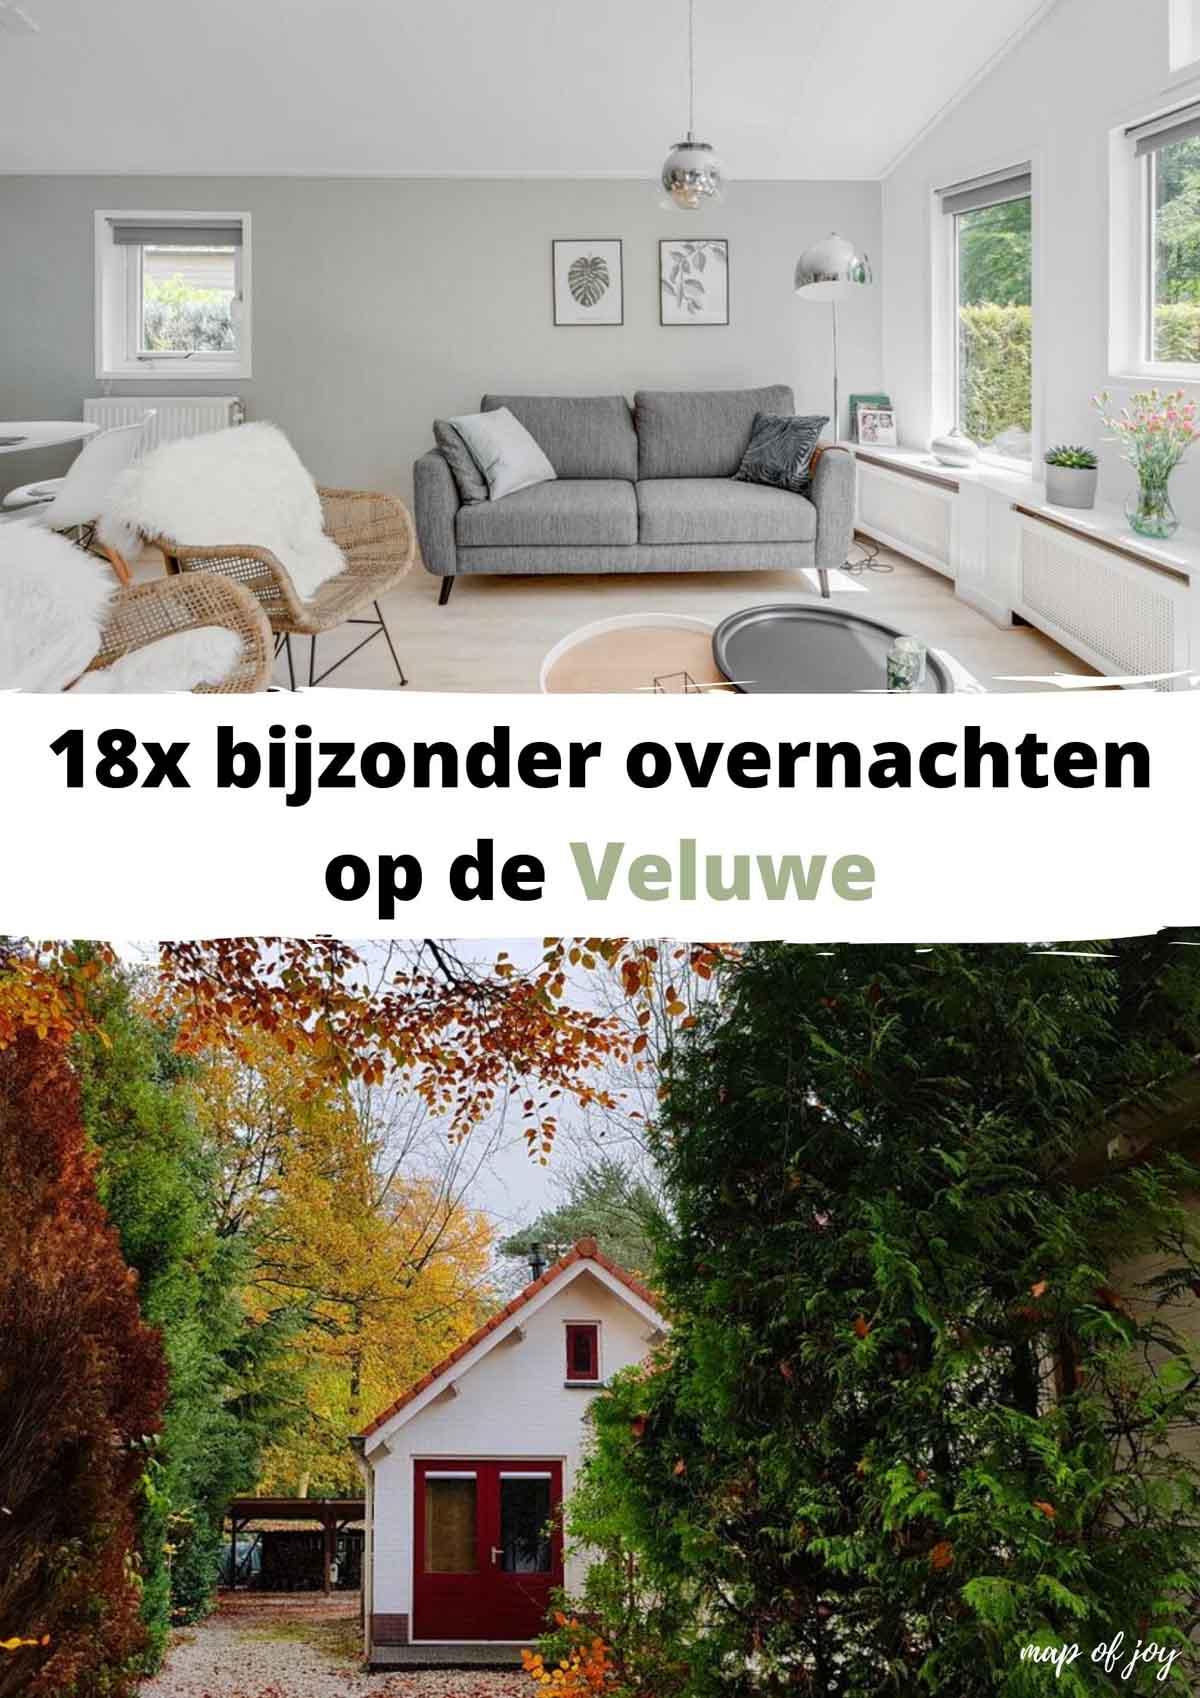 18x bijzonder overnachten op de Veluwe